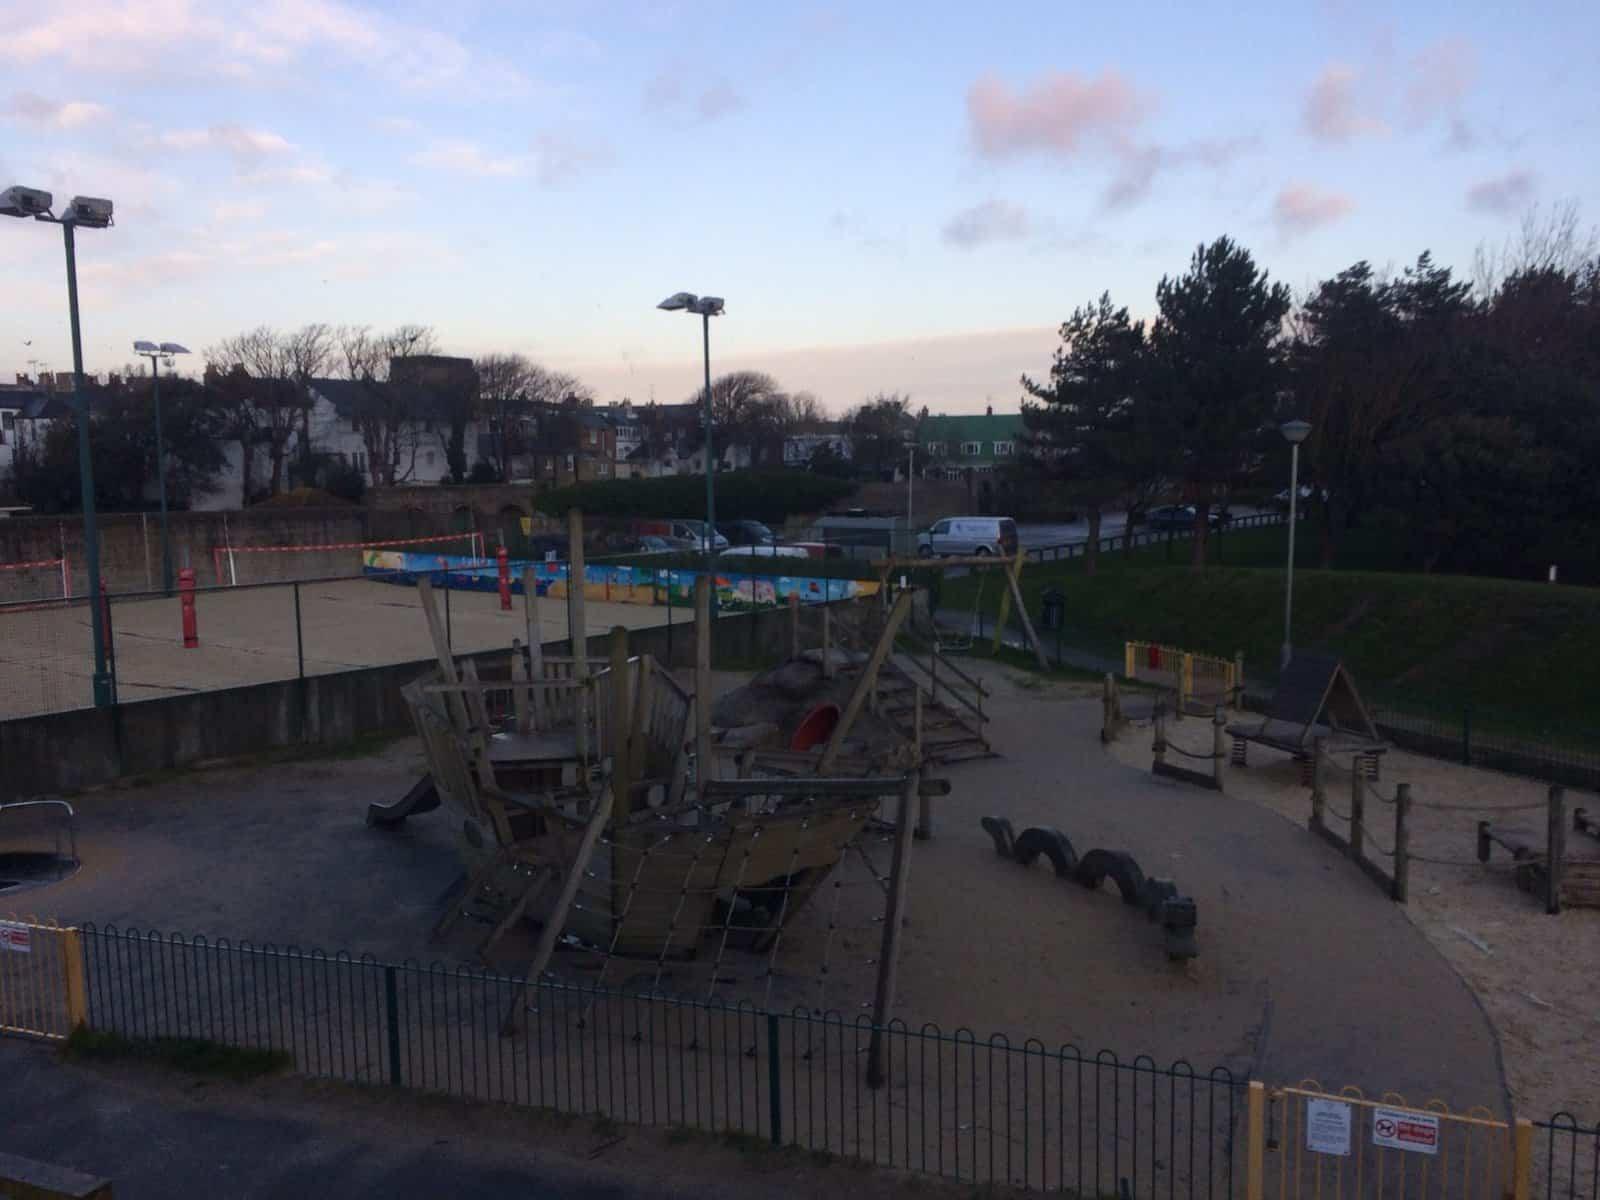 Gull Island Playground